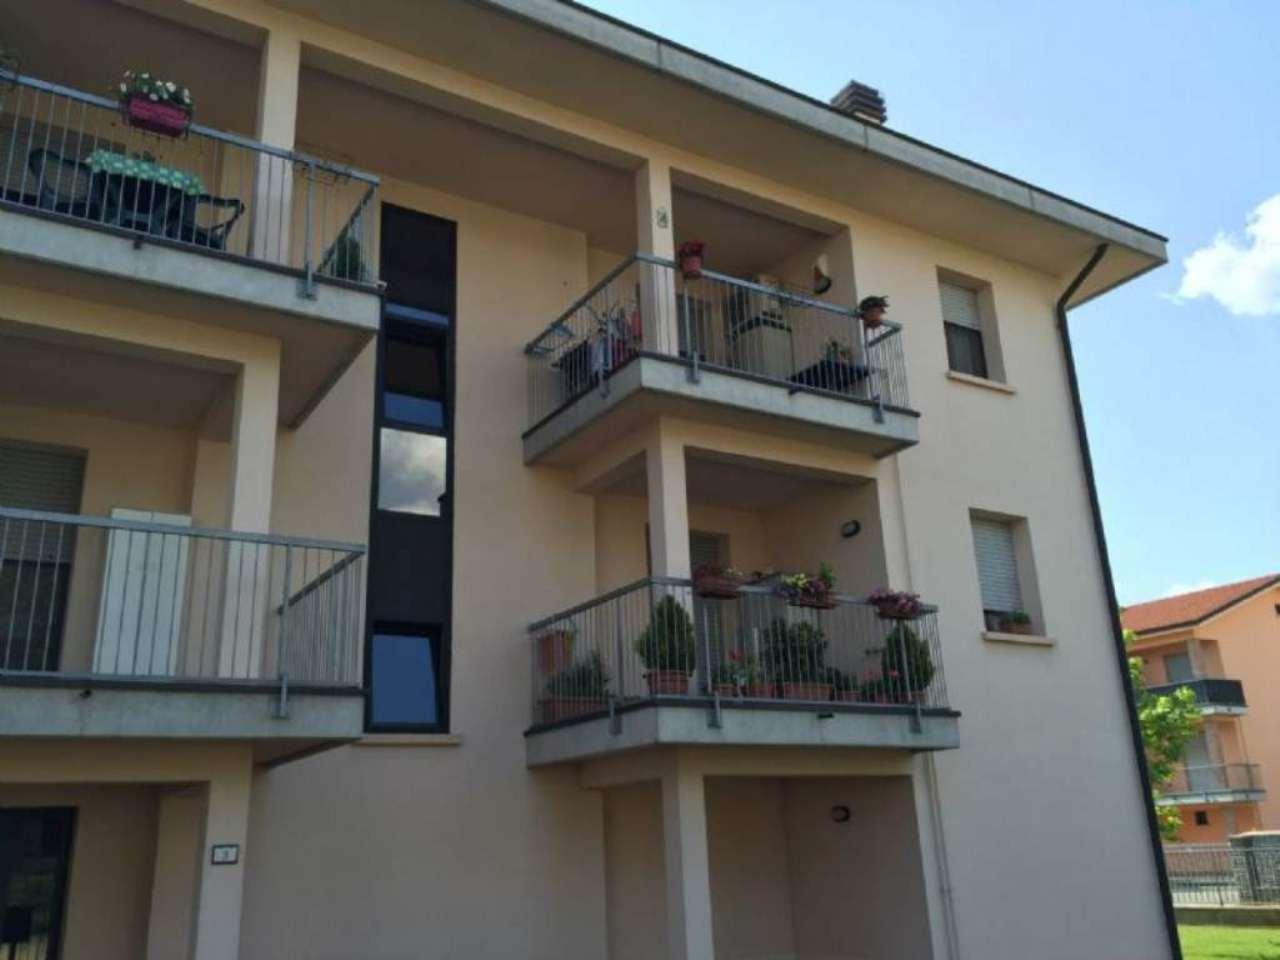 Appartamento in vendita a Brescello, 3 locali, prezzo € 105.000 | Cambio Casa.it